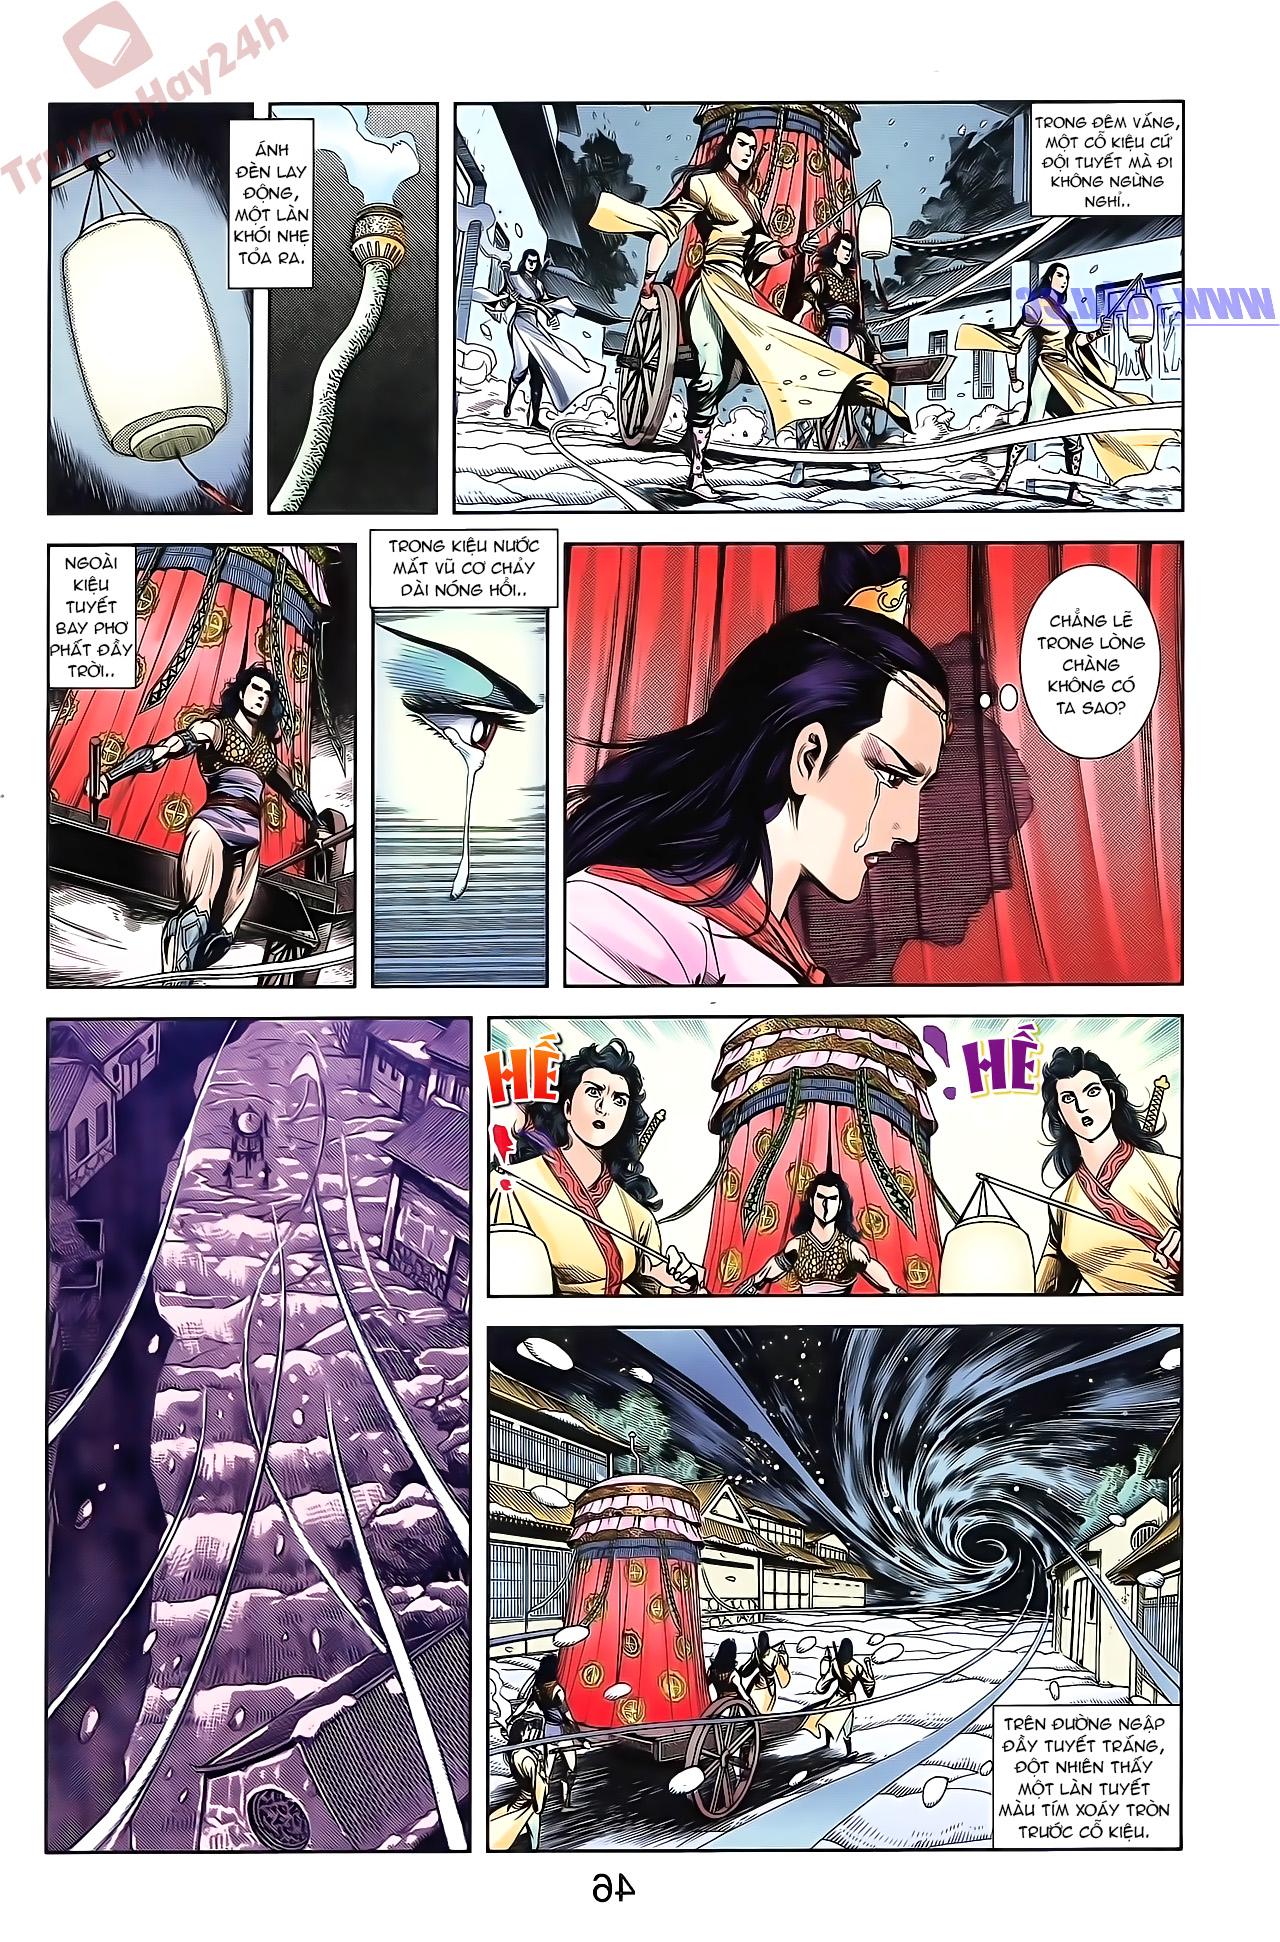 Tần Vương Doanh Chính chapter 51 trang 13